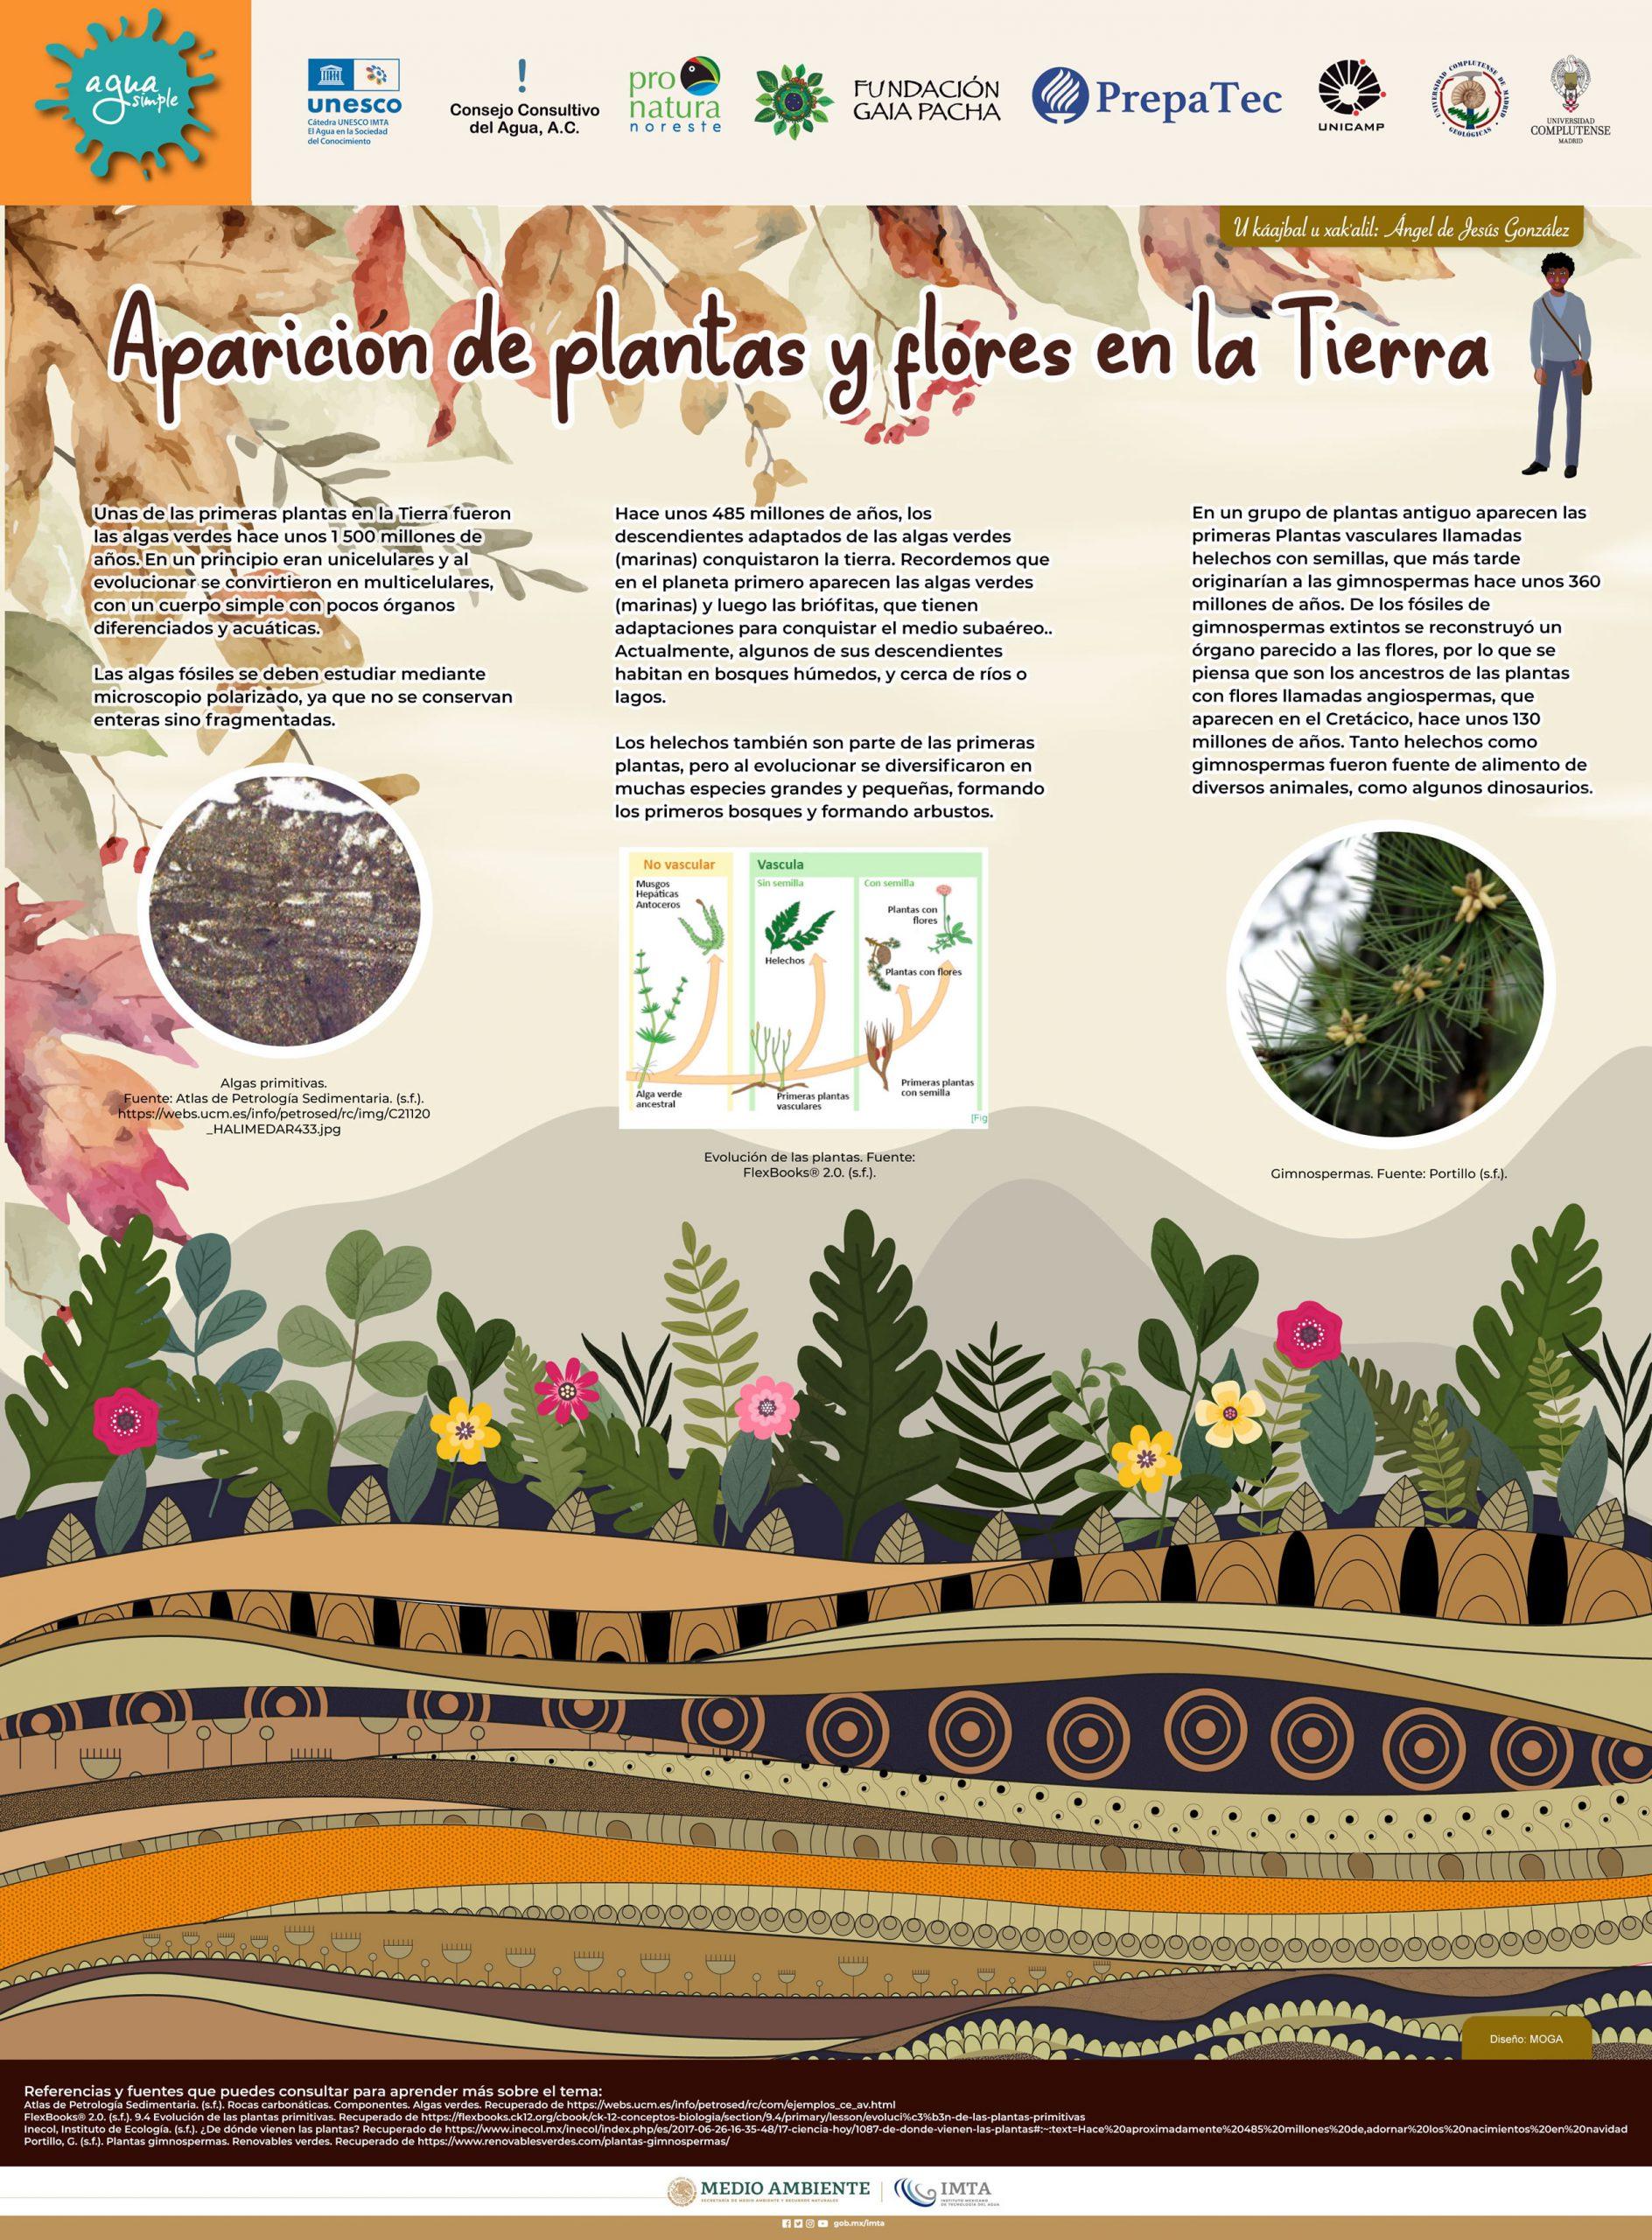 Aparición de plantas y flores en la Tierra